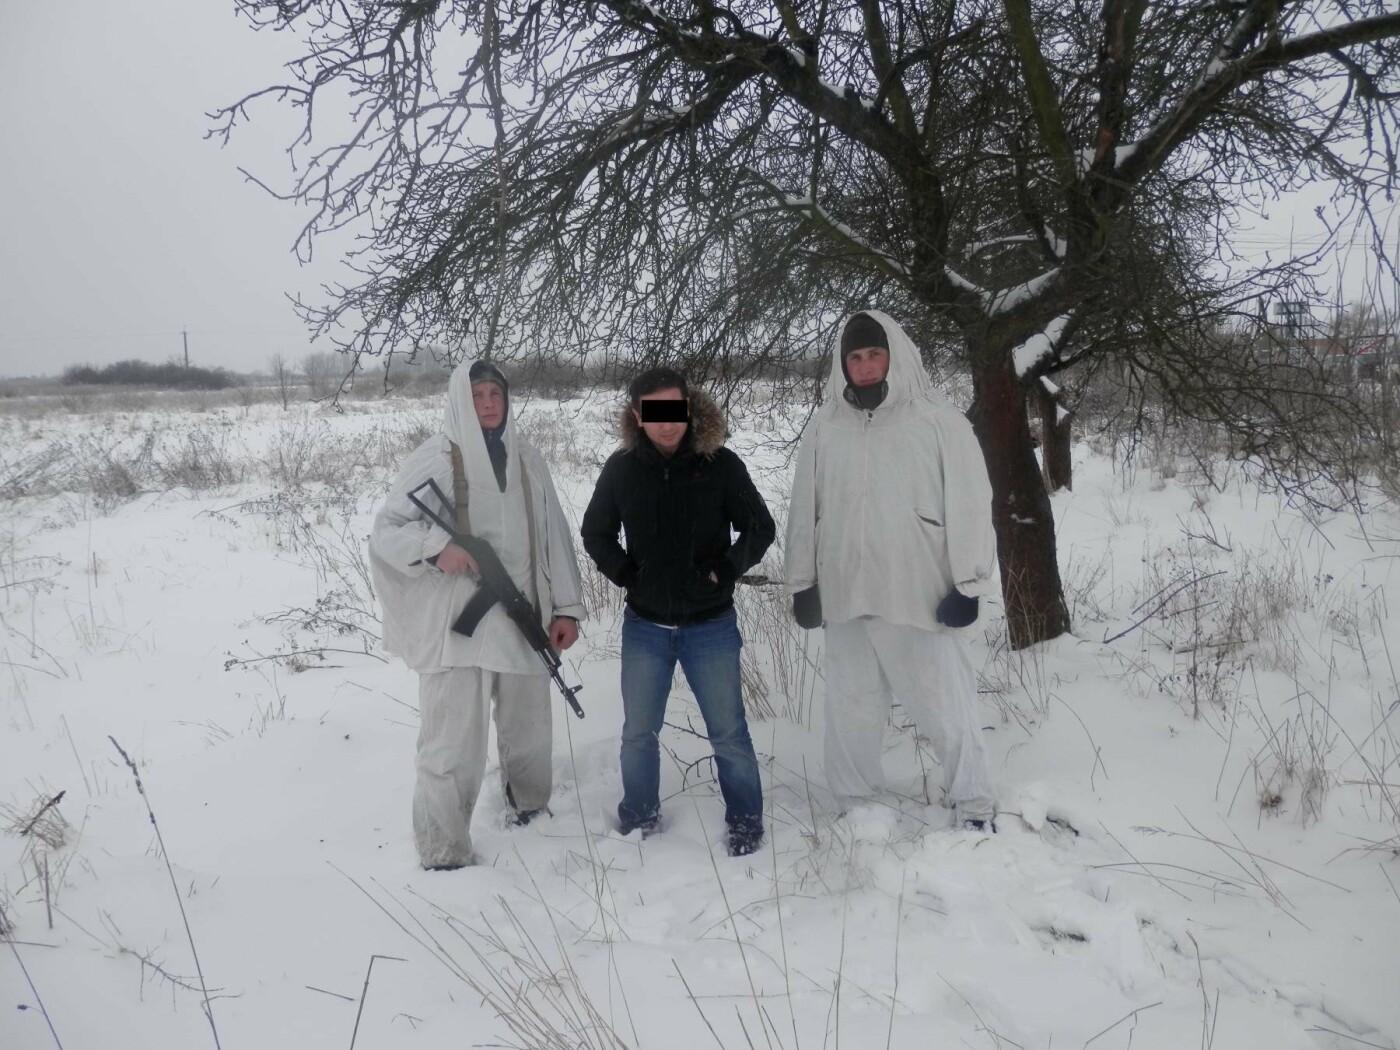 На Закарпатті за 10 метрів від кордону затримали закоханого нелегала, який долав кучугури снігу до дівчини з Рівного (ФОТО), фото-1